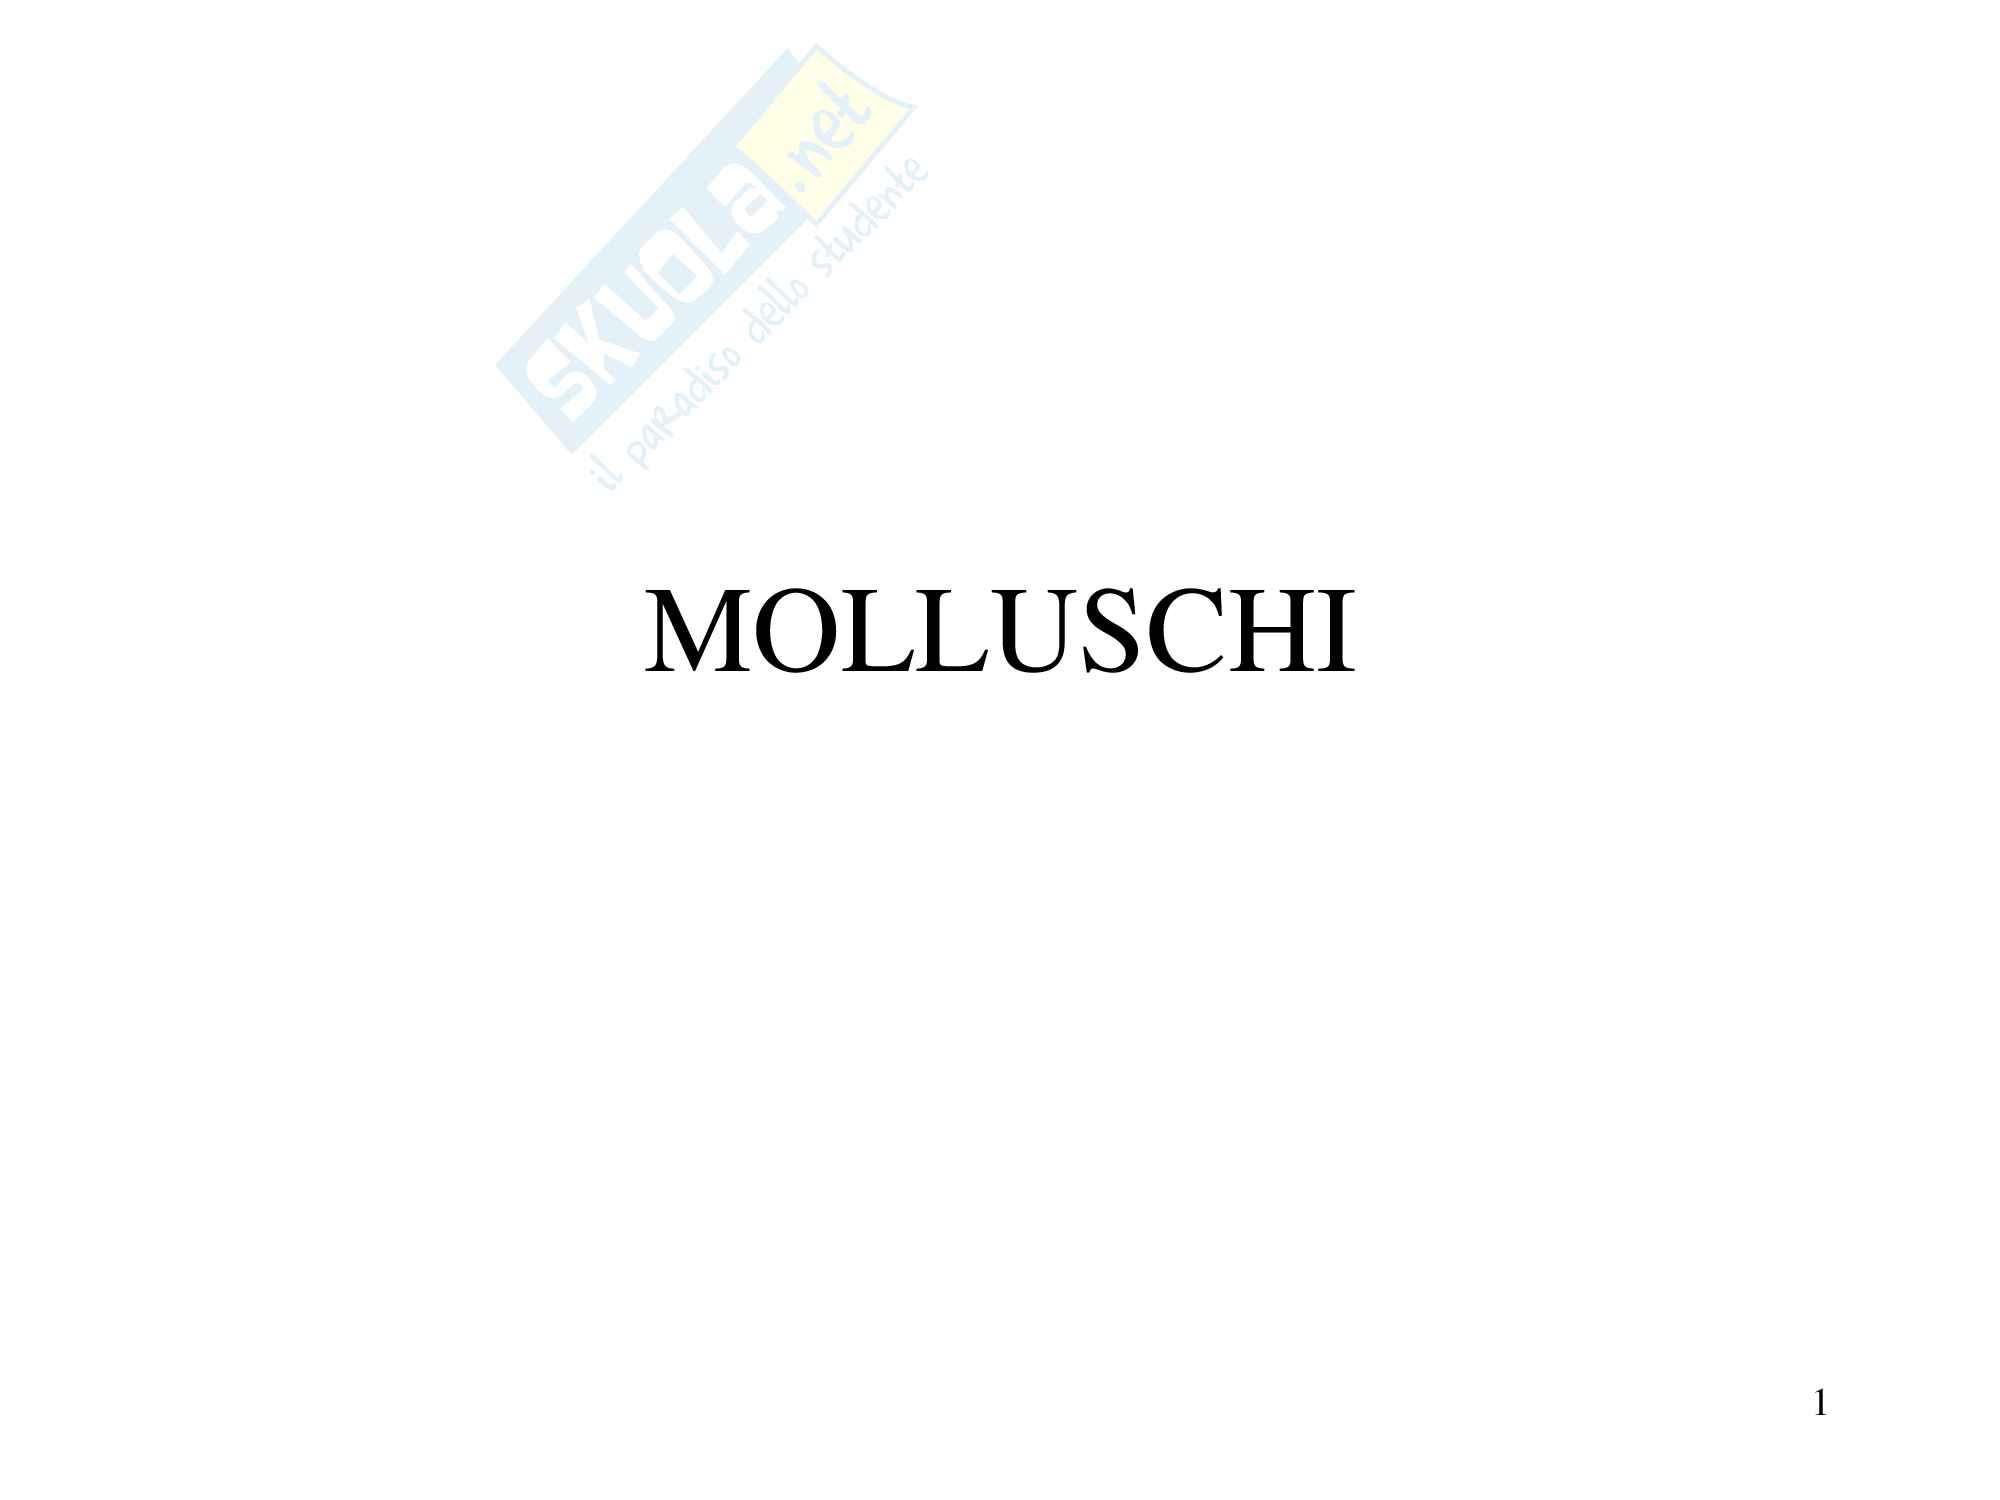 Molluschi, zoologia, scienze biologiche